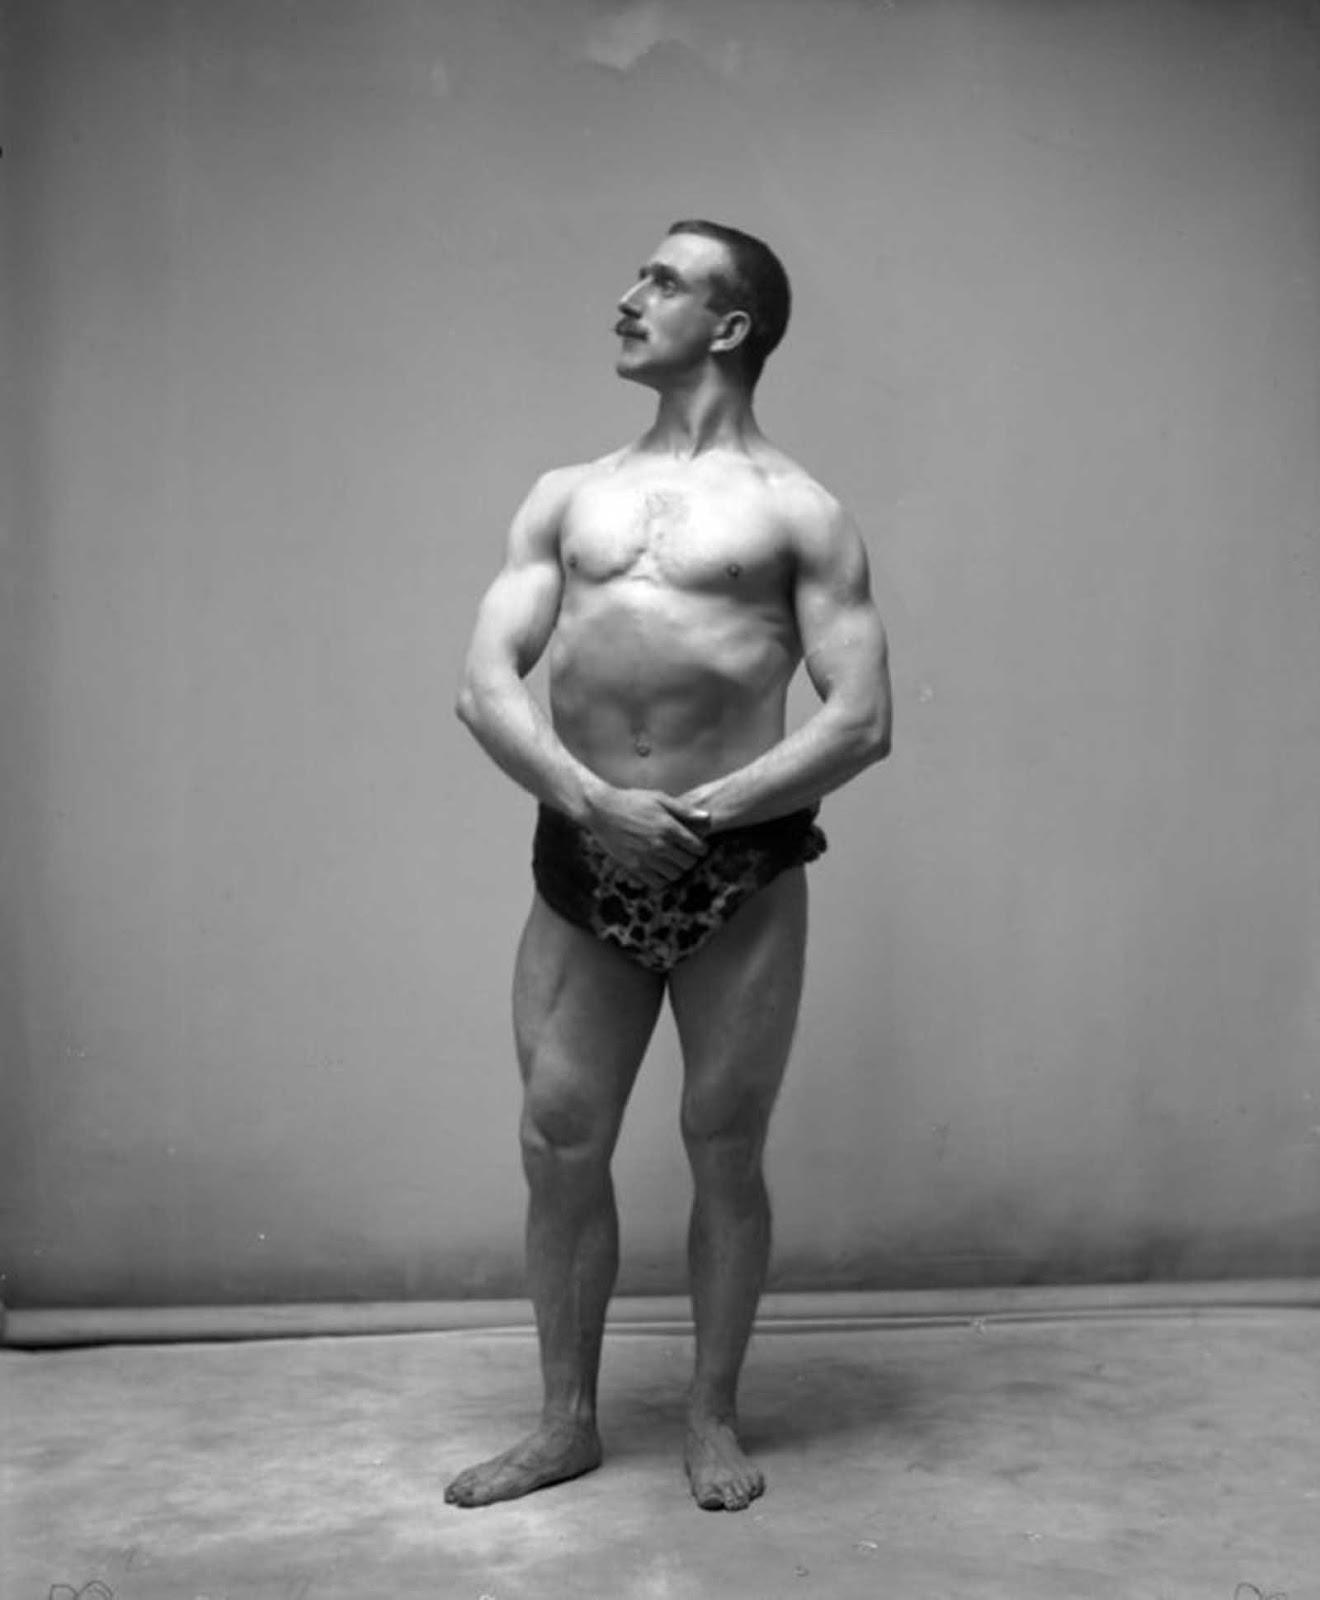 Sr. Murray, ganador del concurso de culturismo de Sandow en 1905.